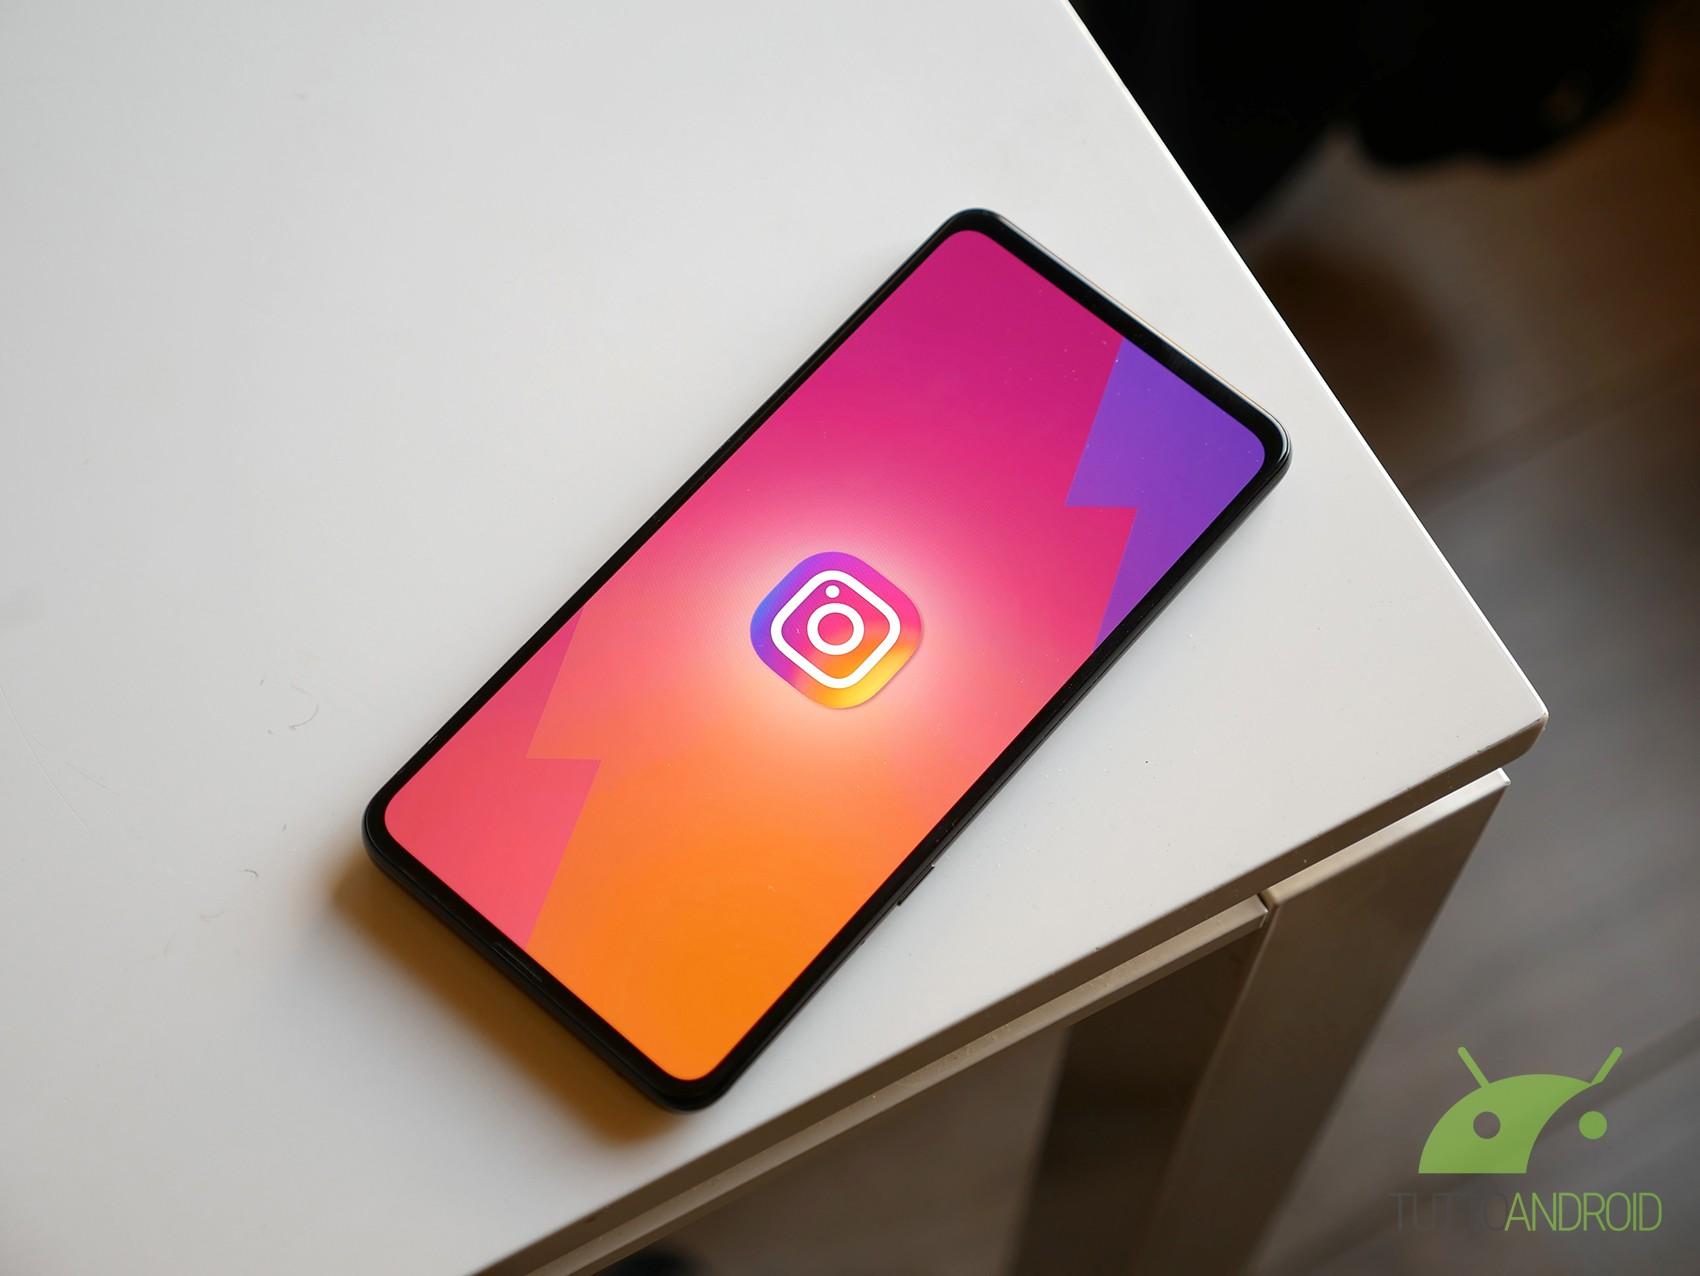 Nuova fuga di dati da Instagram: esposti i dati di milioni di influencer